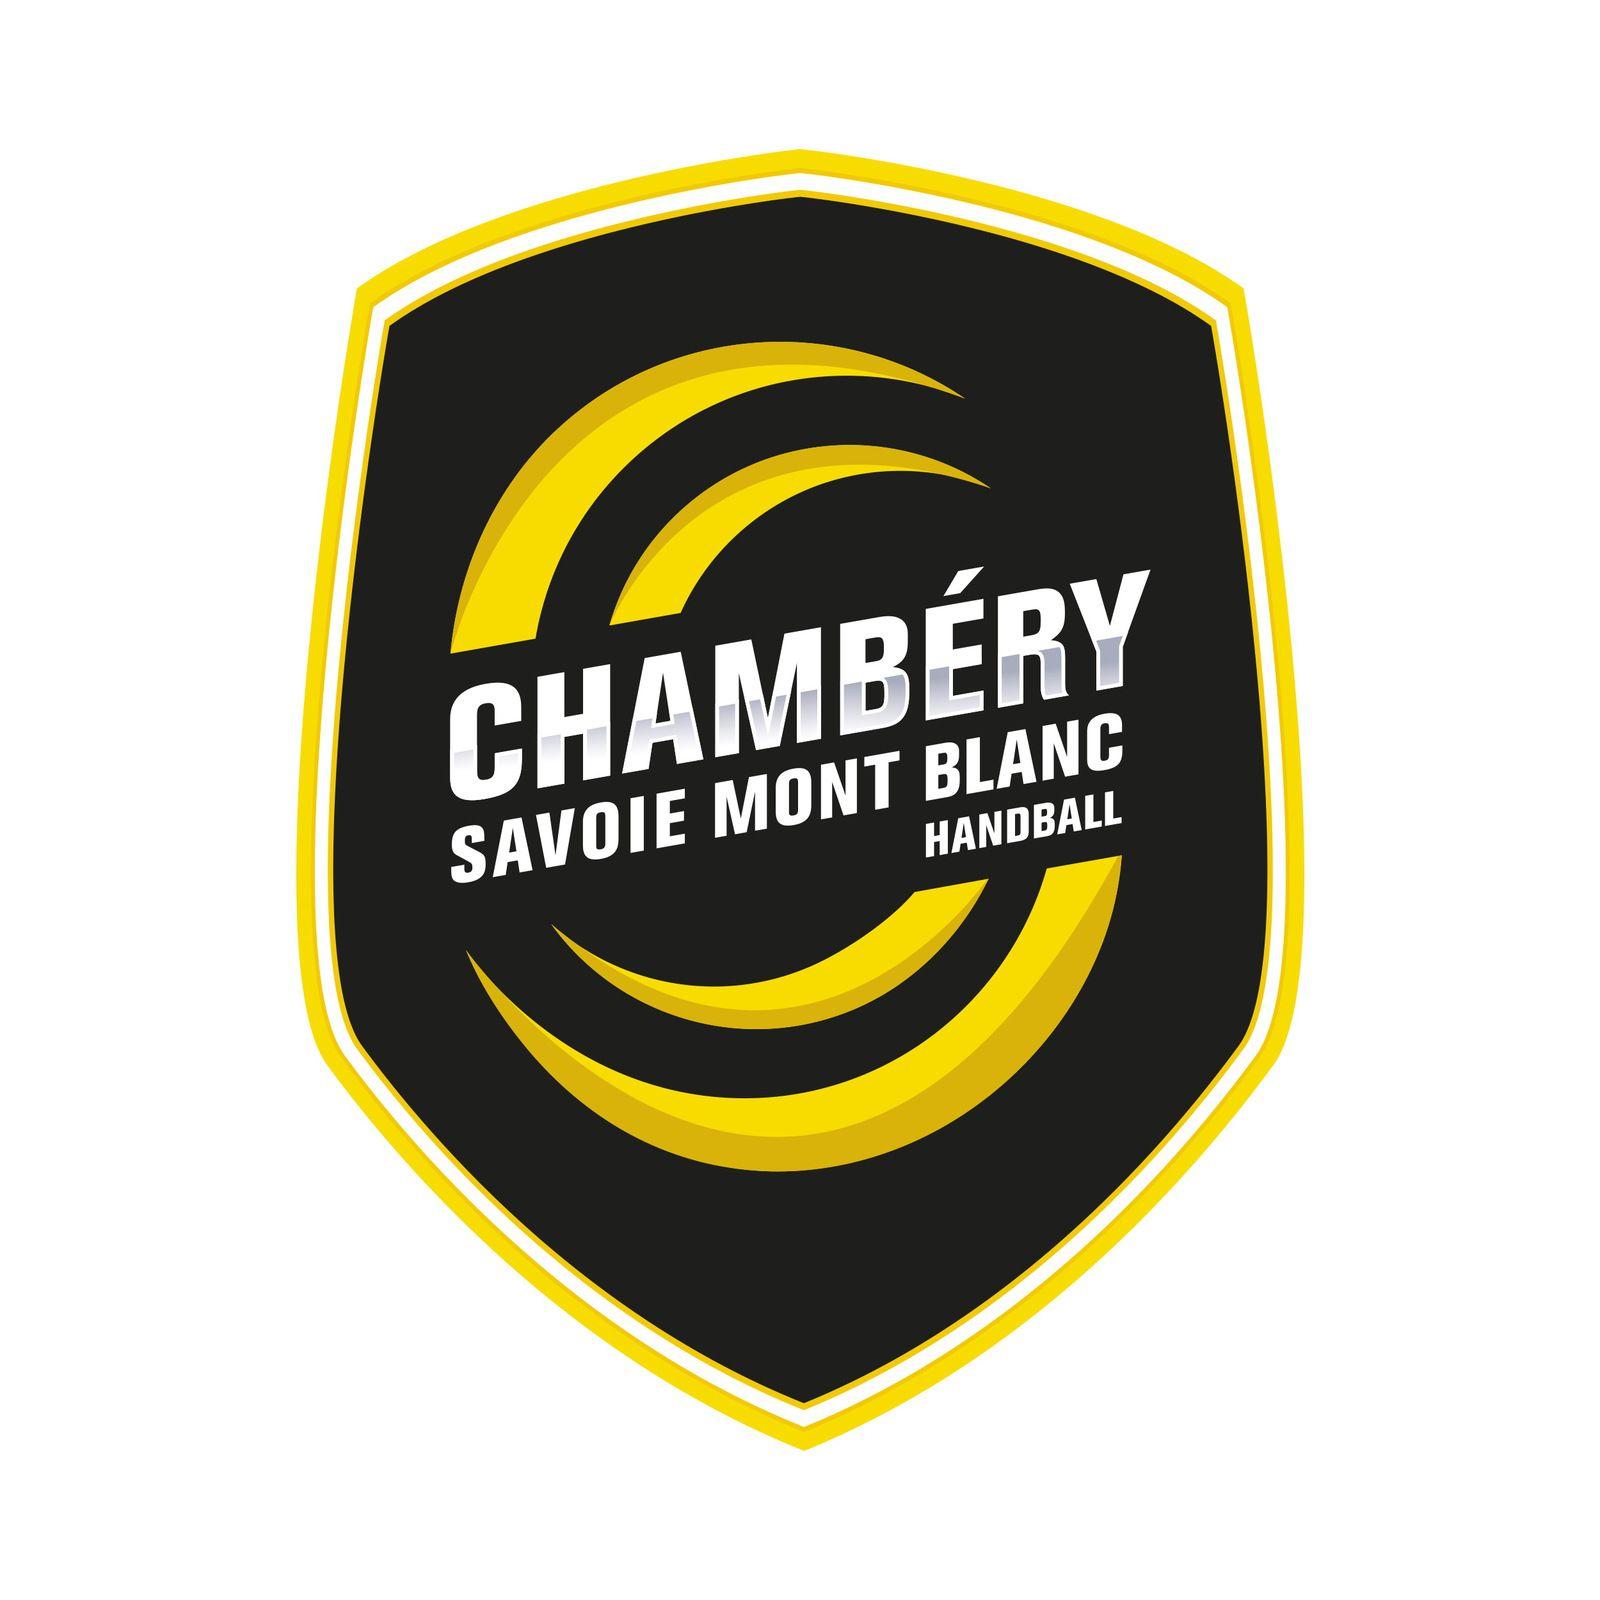 CHAMBERY va-t-il tenir les RENNES contre CESSON article du DL 20042021